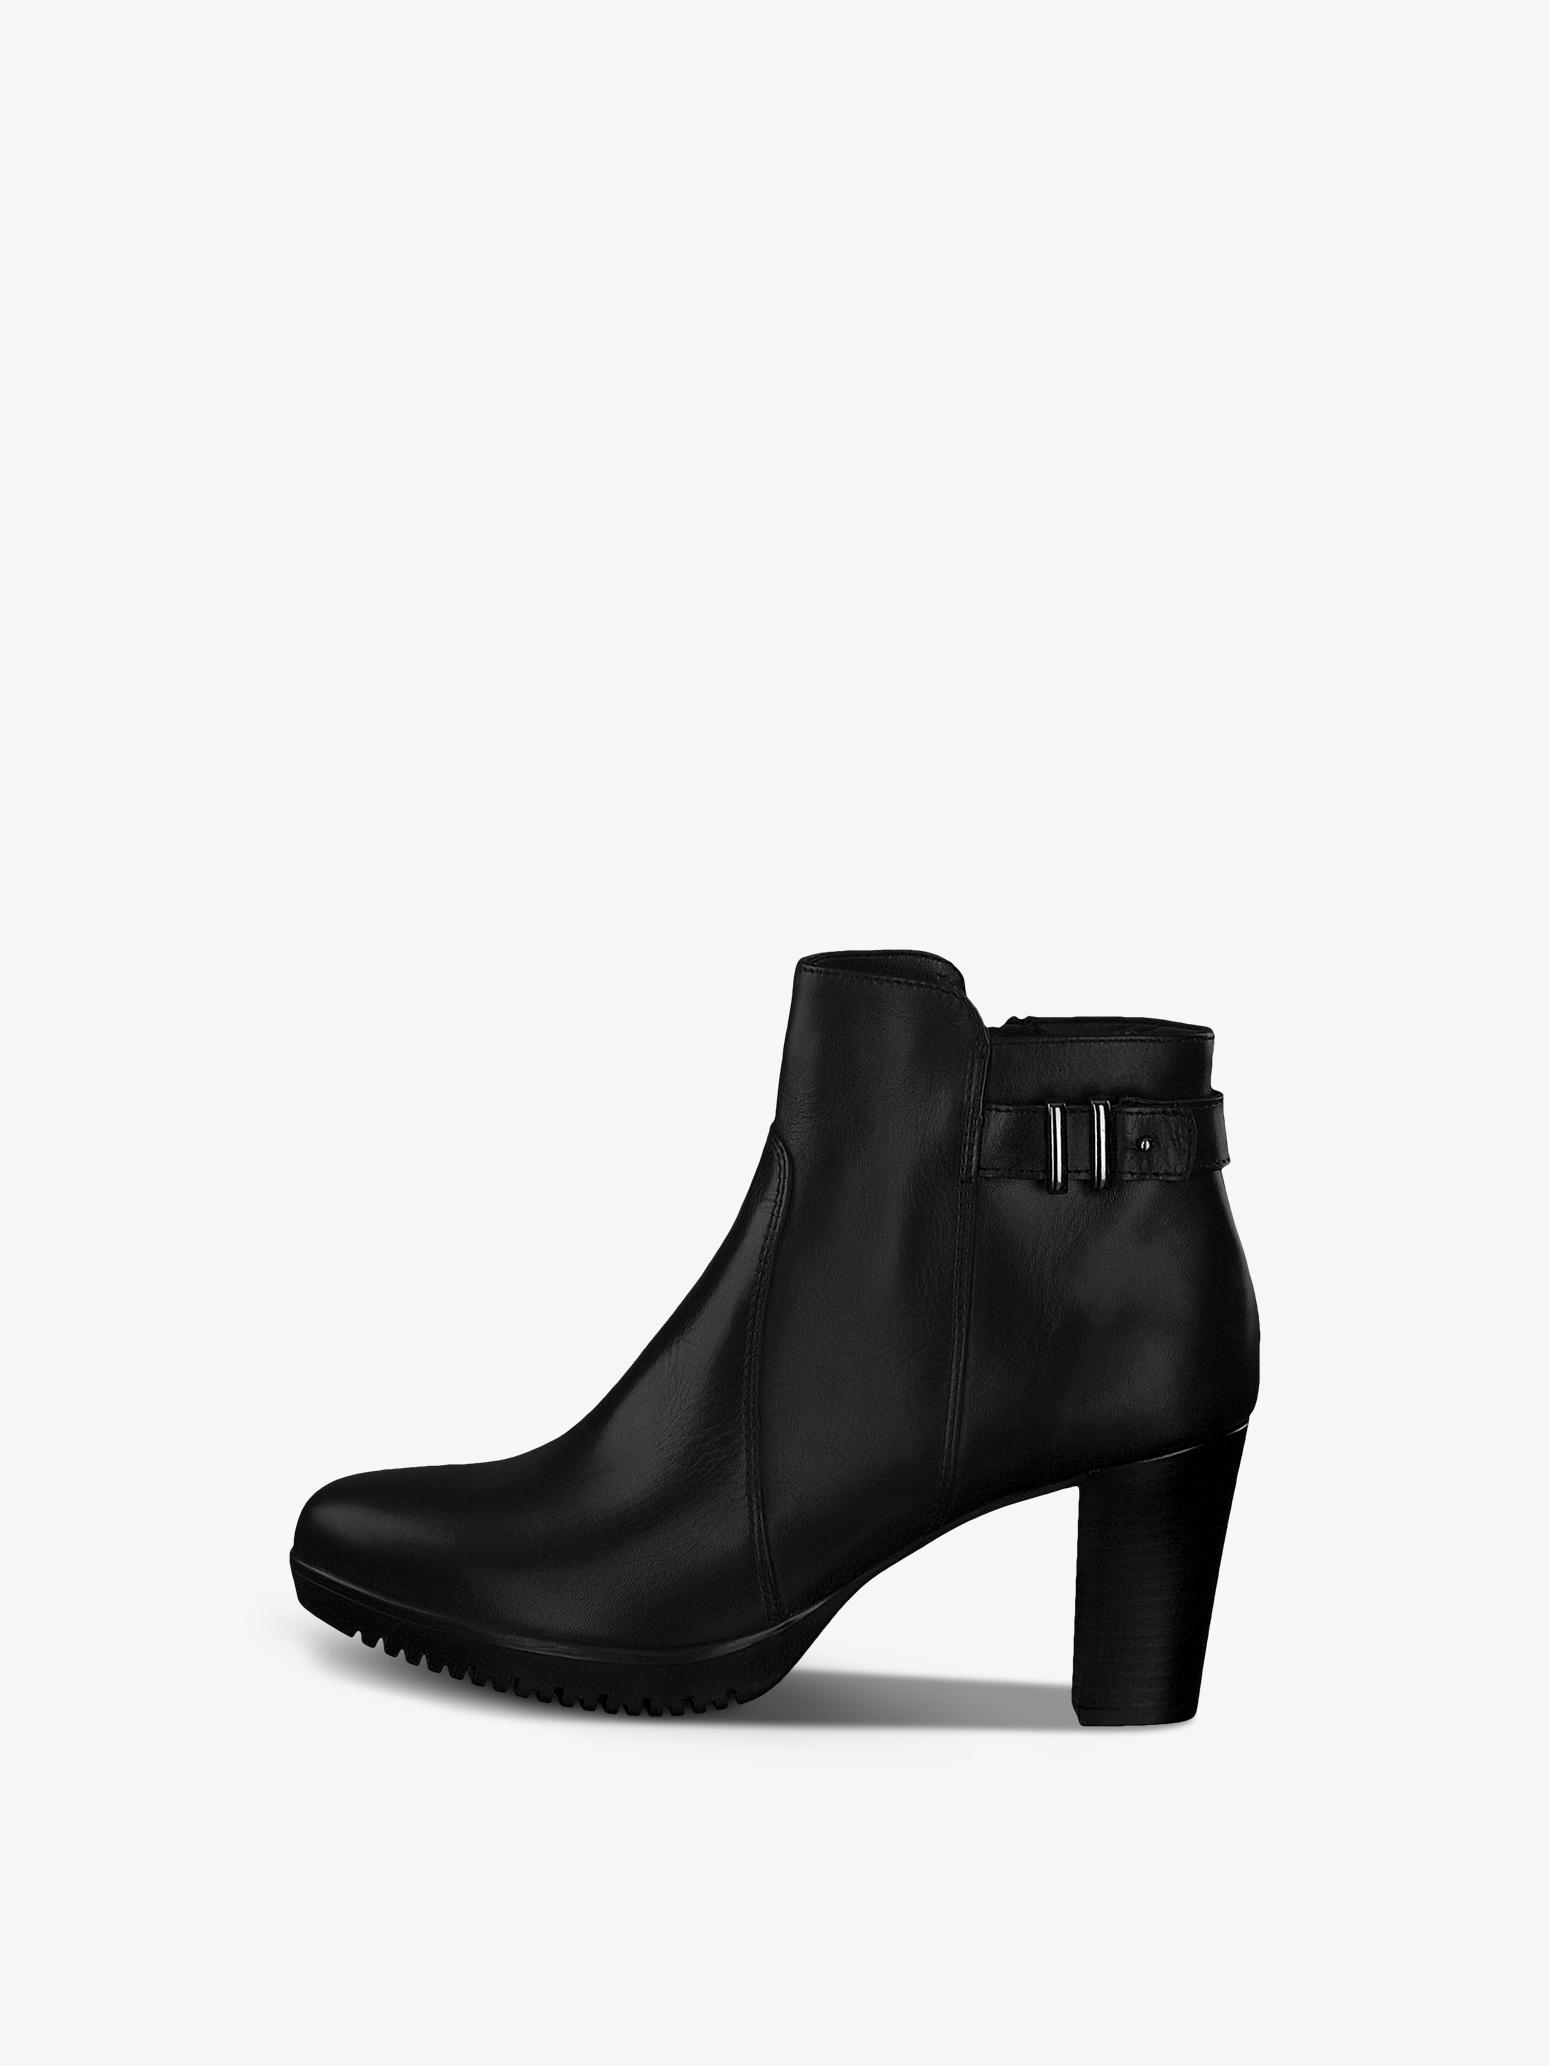 Tamaris »Leder« High Heel Stiefel, Verschluss: Reißverschluss online kaufen   OTTO